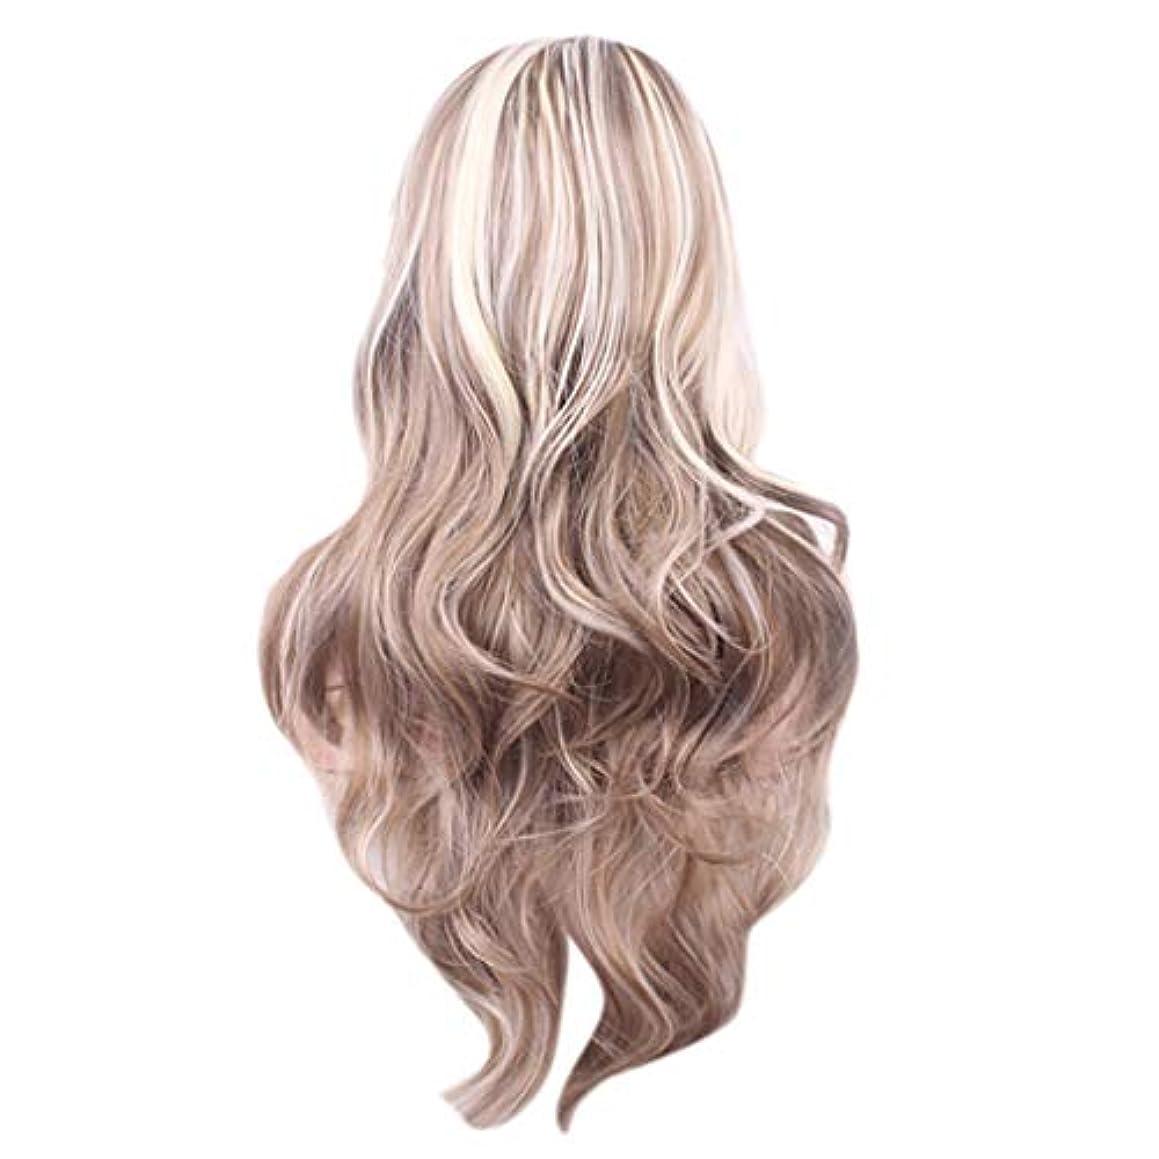 開いた海外でジョセフバンクス女性のセクシーな長い巻き毛のかつら70センチウィッグ